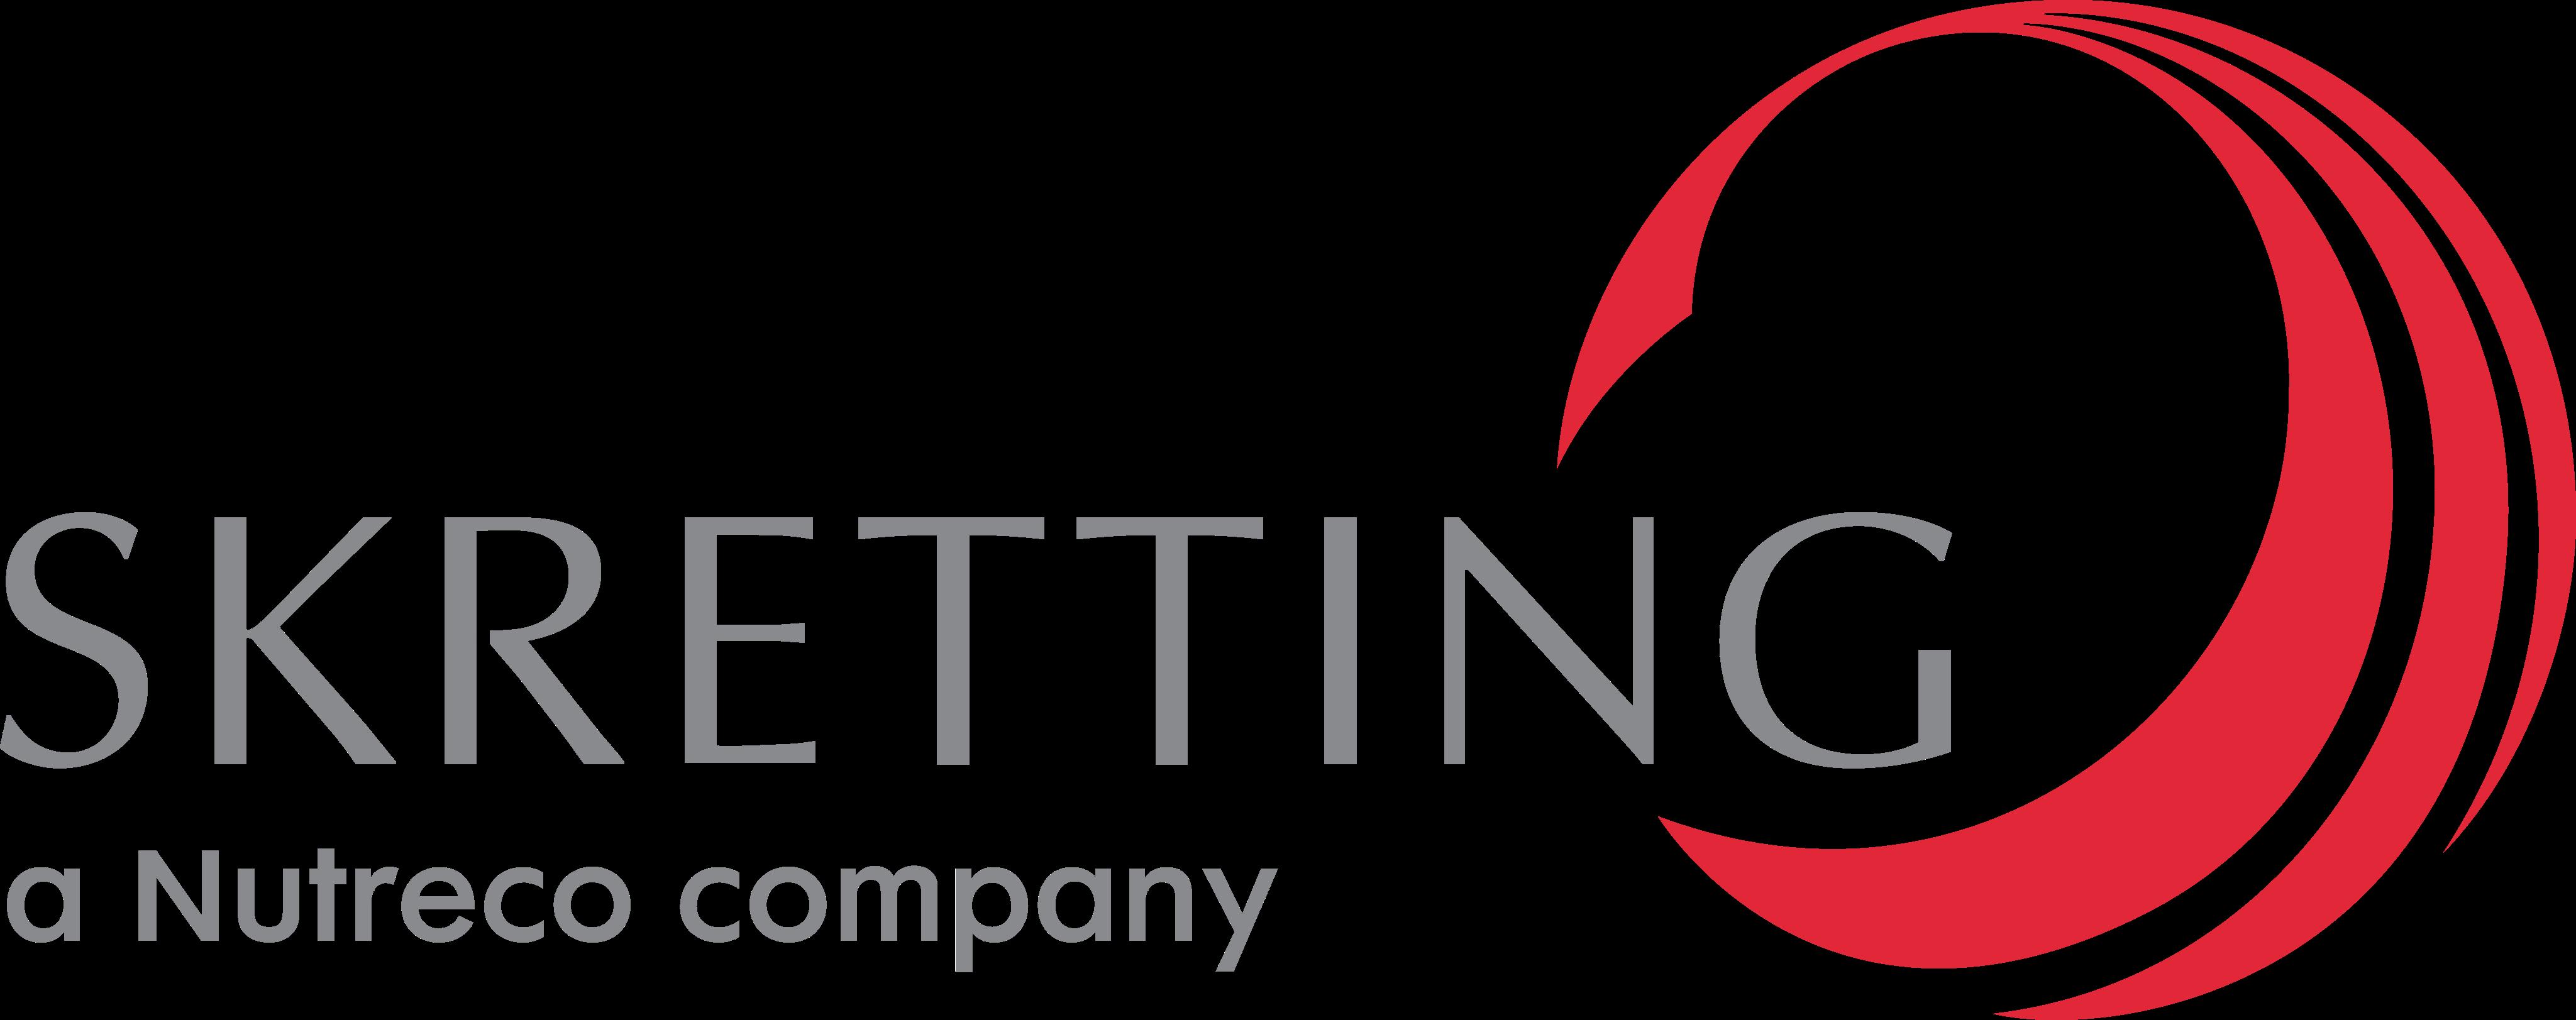 Skretting Logo.